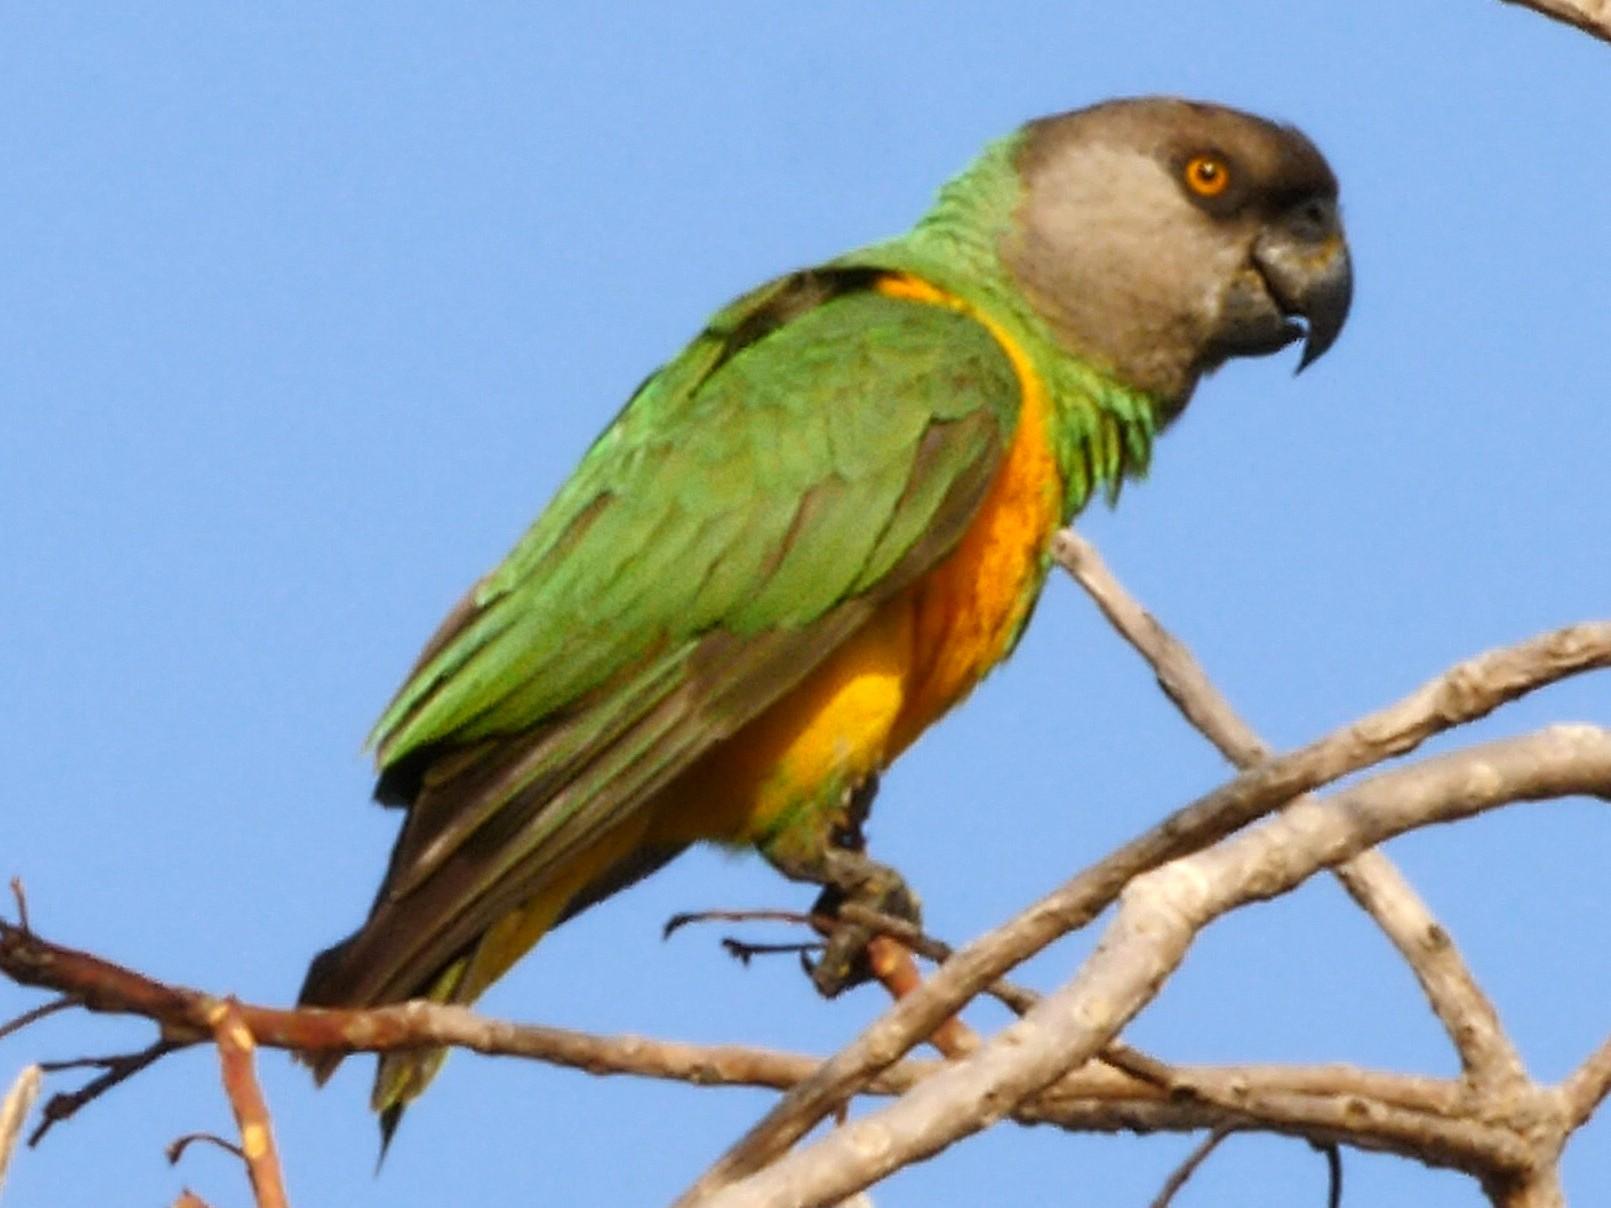 Senegal Parrot - Josep del Hoyo